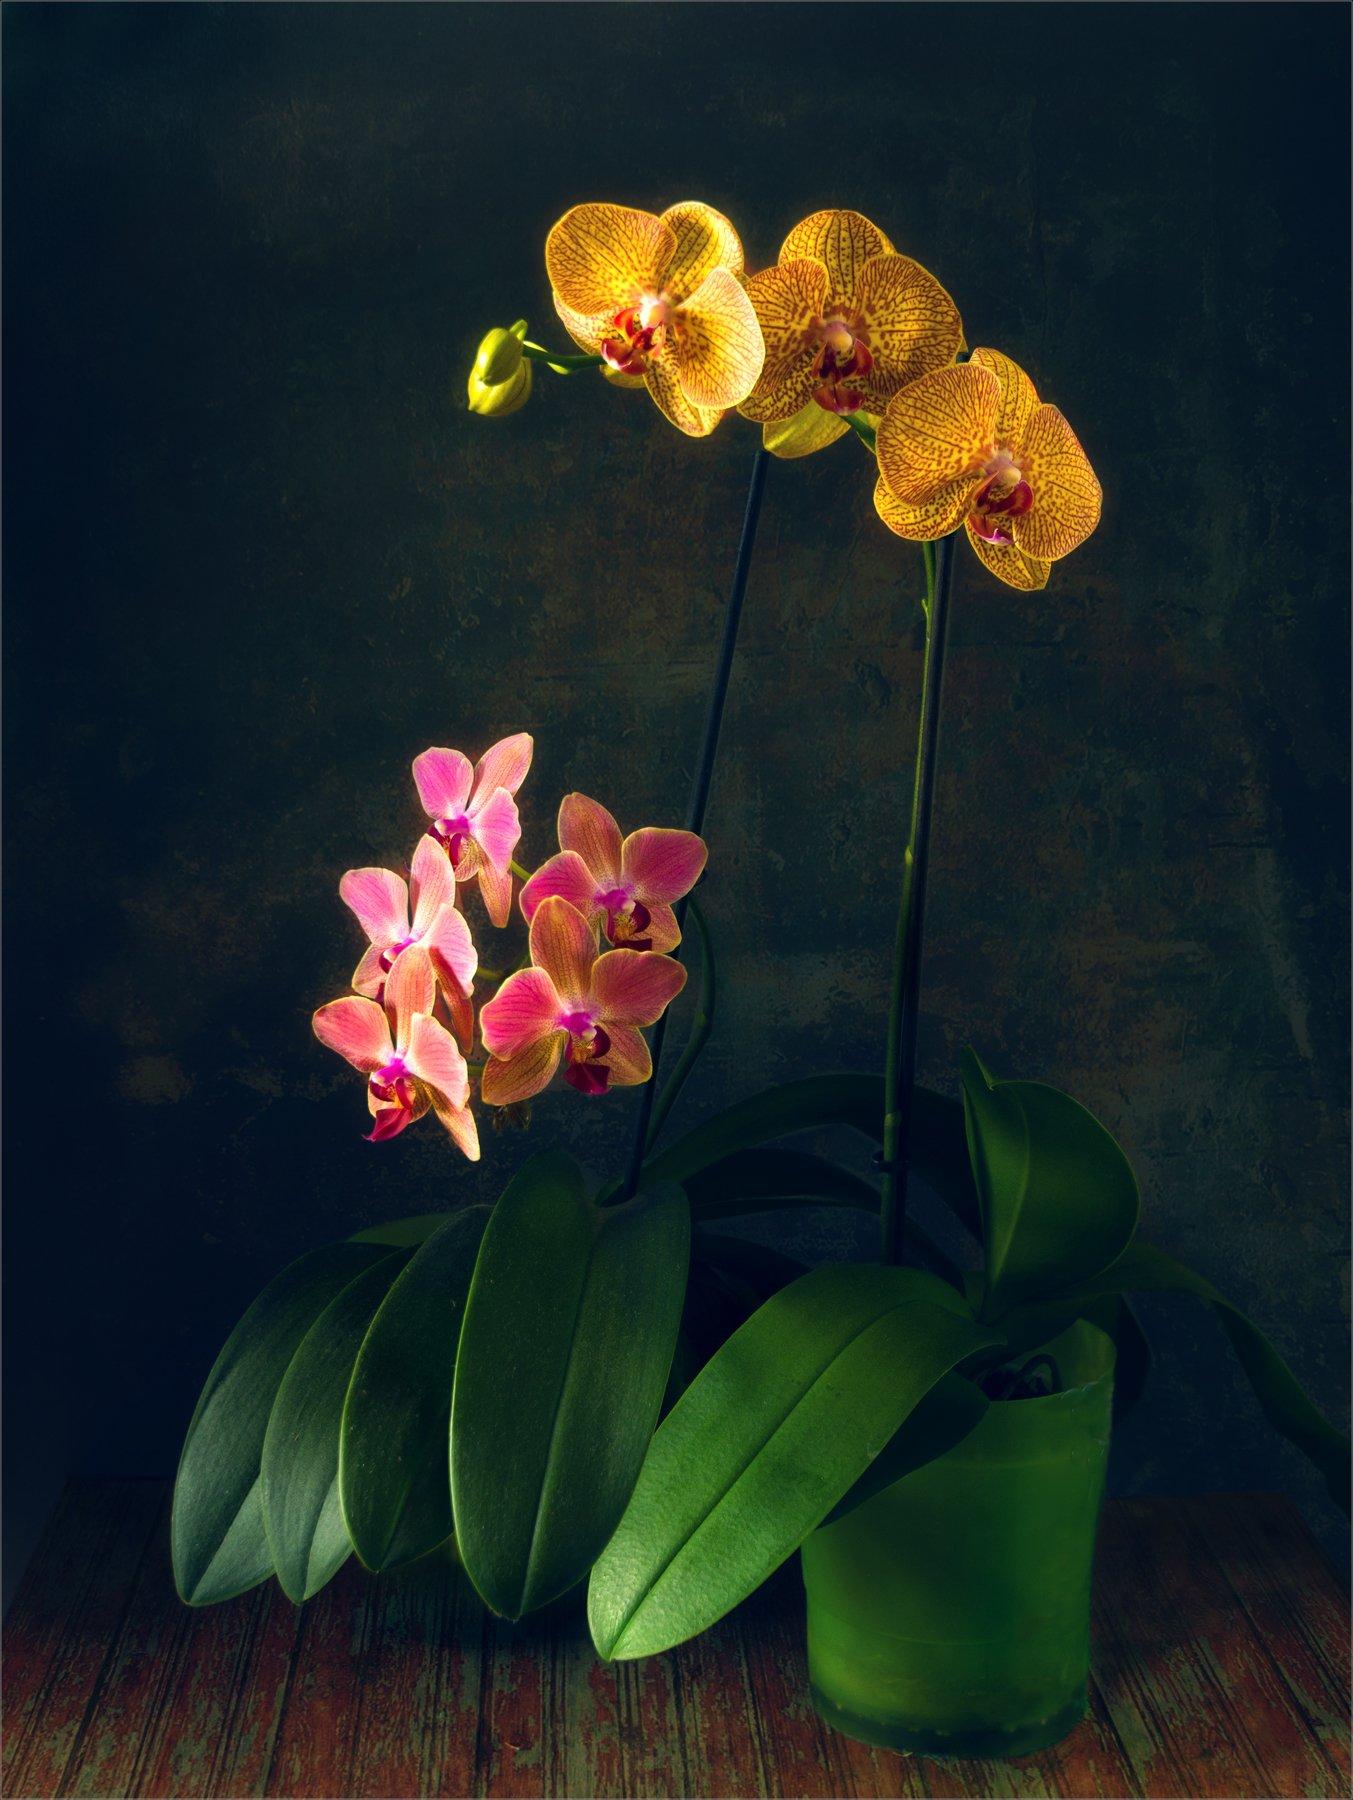 still life, натюрморт,    растение, природа,  винтаж, , цветы, орхидея, Михаил MSH